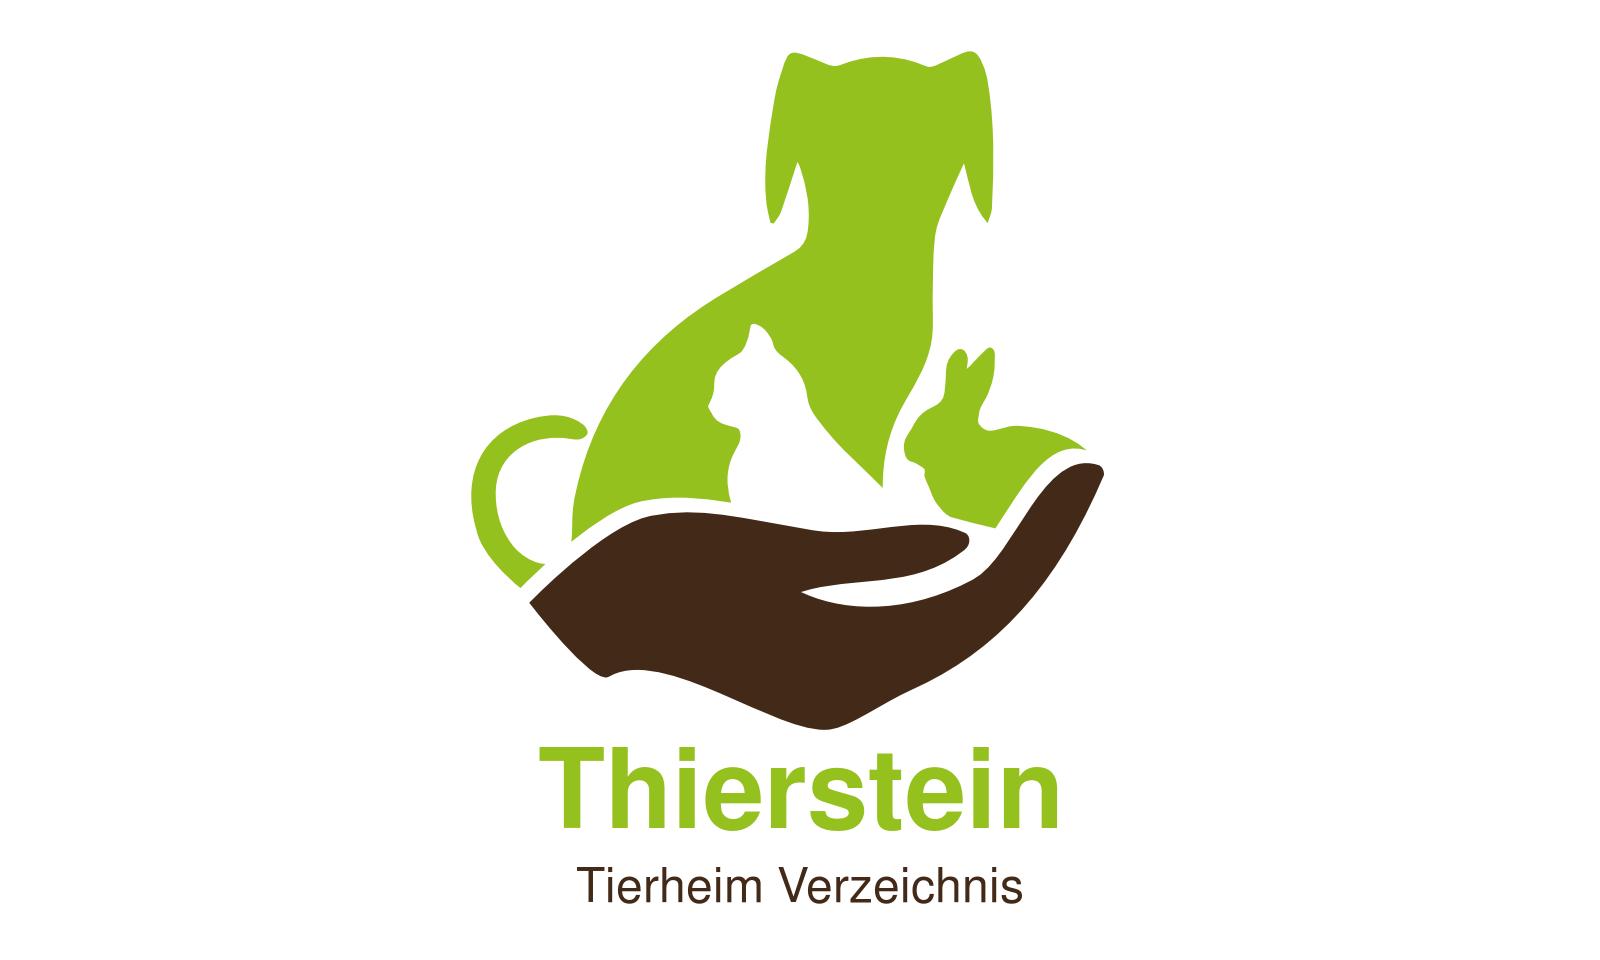 Tierheim Thierstein